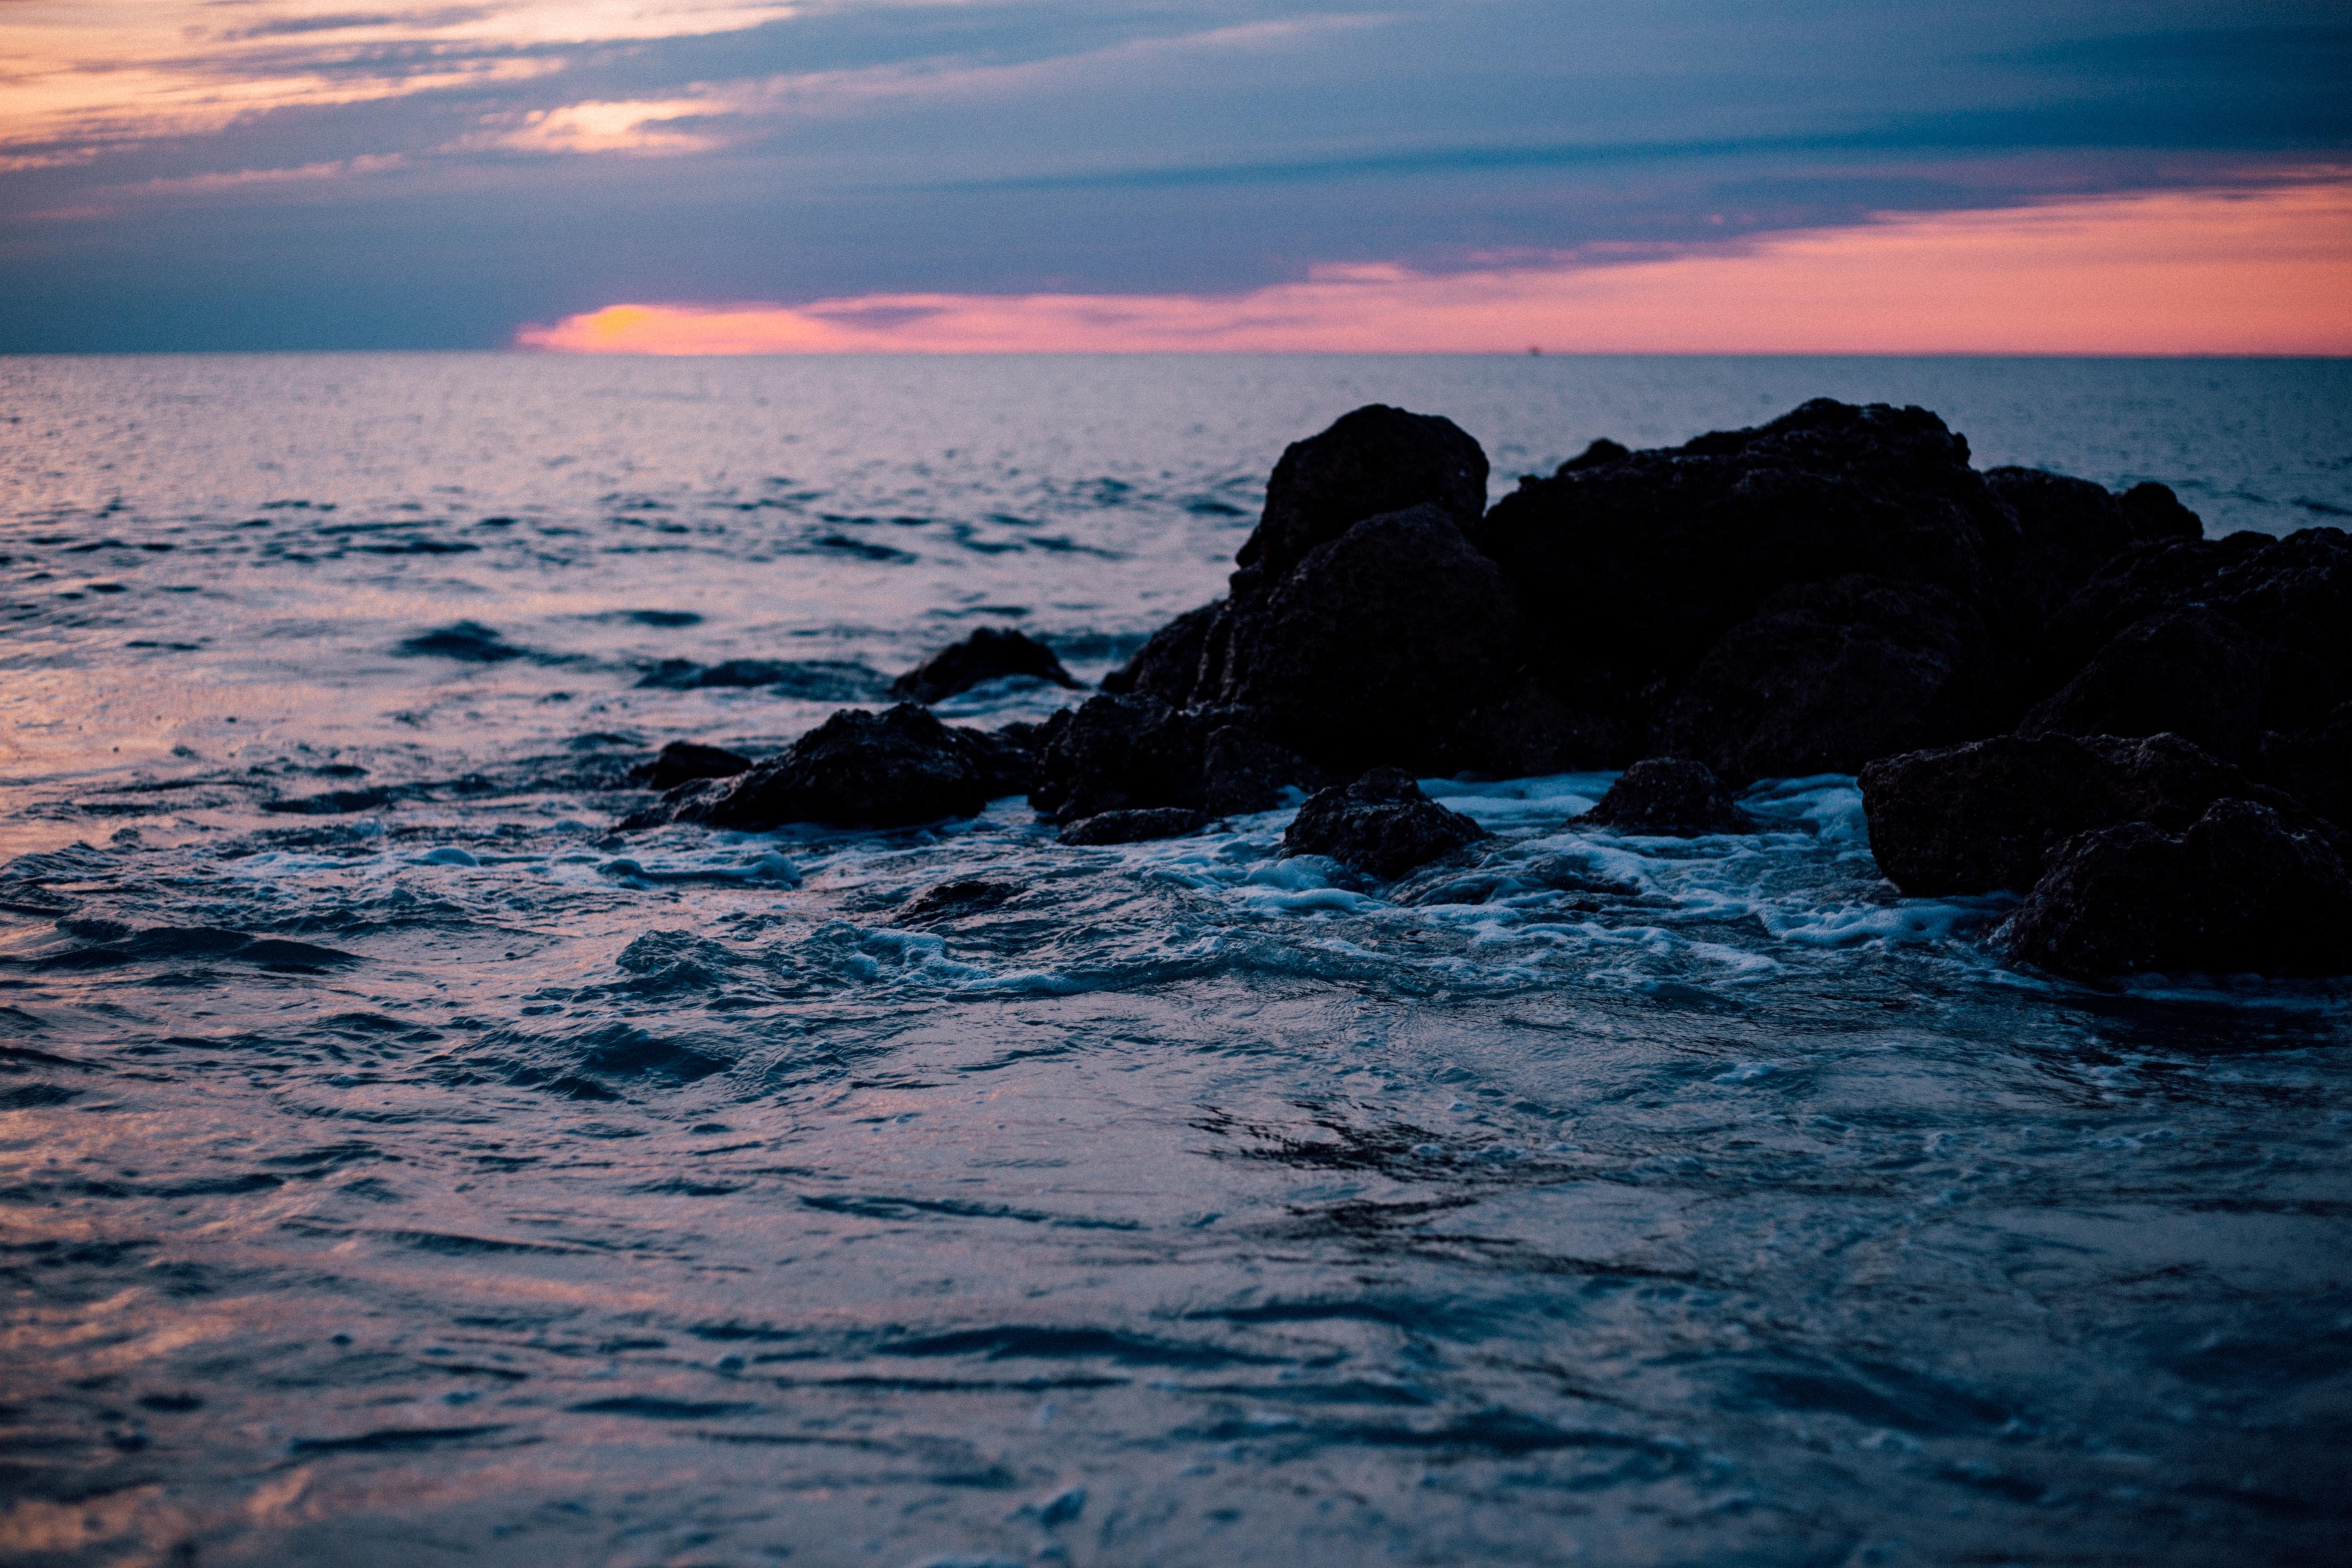 Rocky sea shore during sun set photo